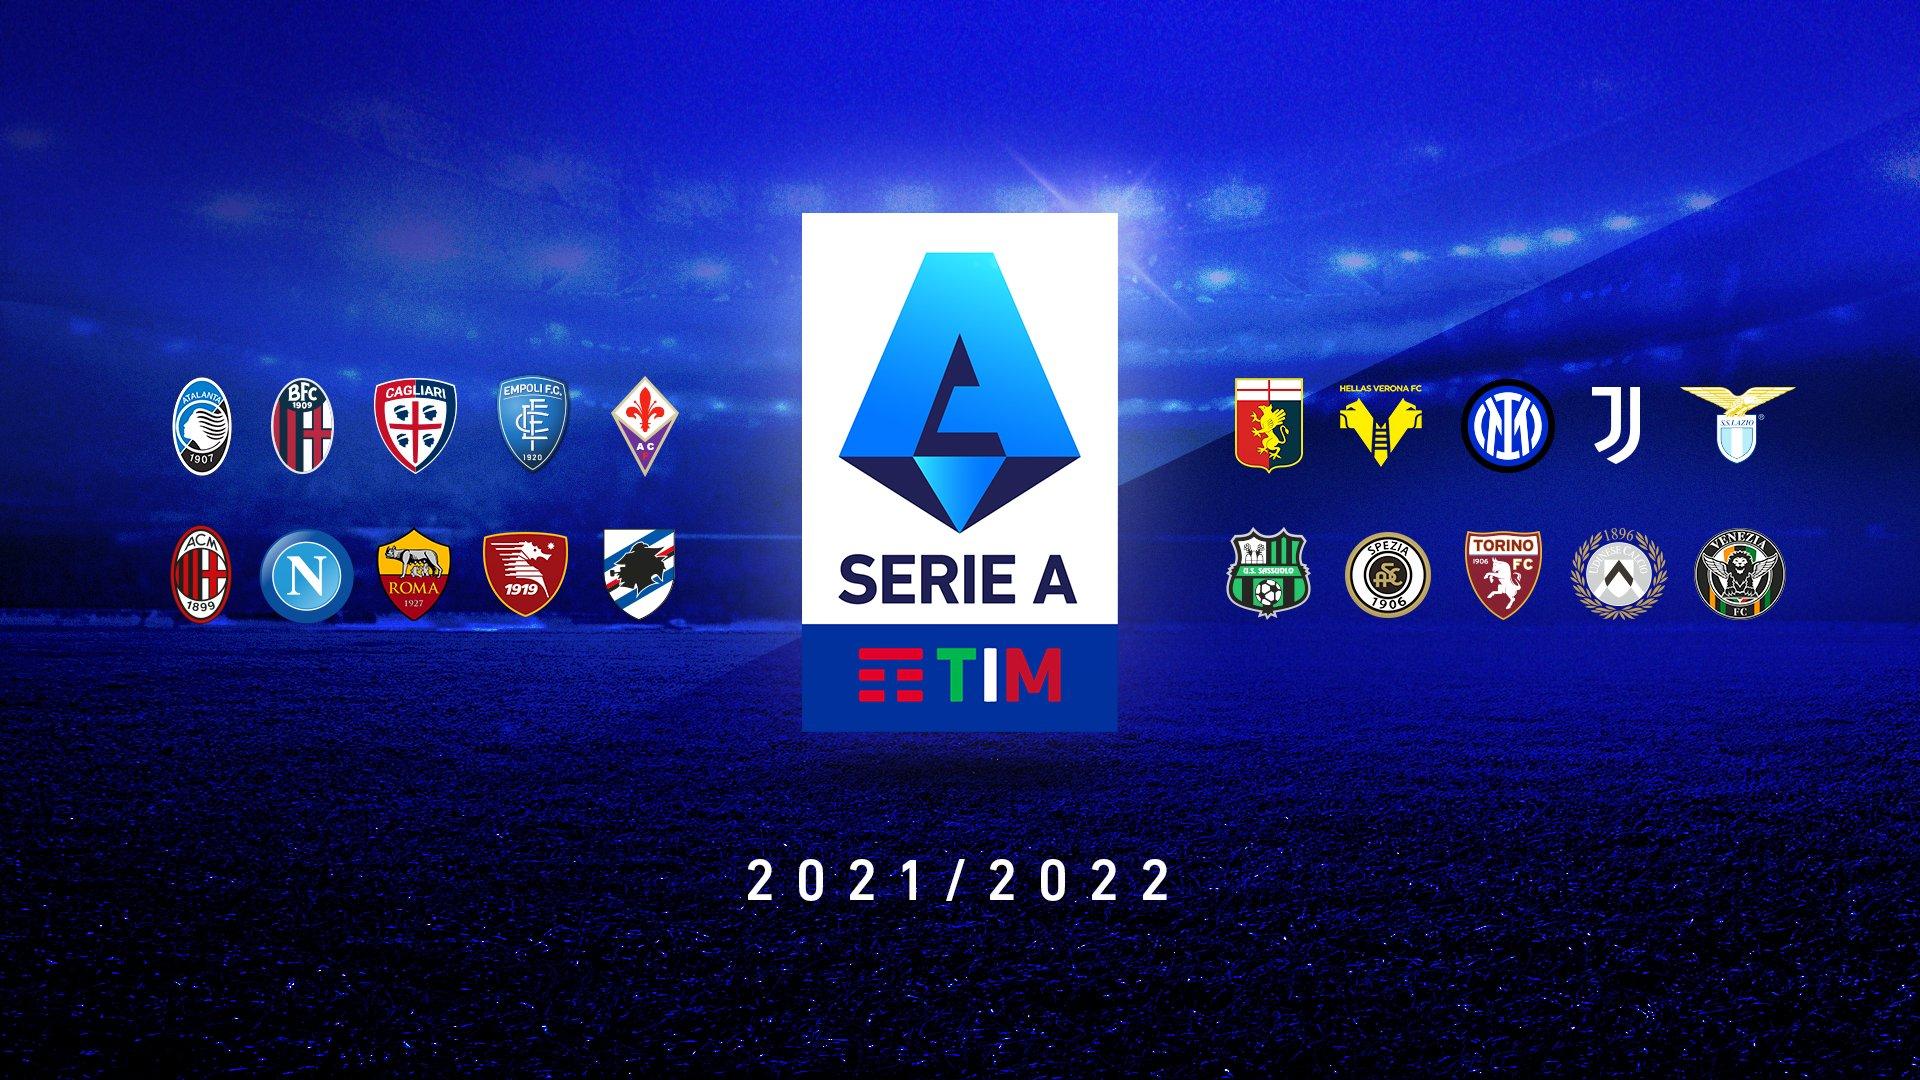 قرعة مباريات الدوري الايطالي لموسم 2021-2022